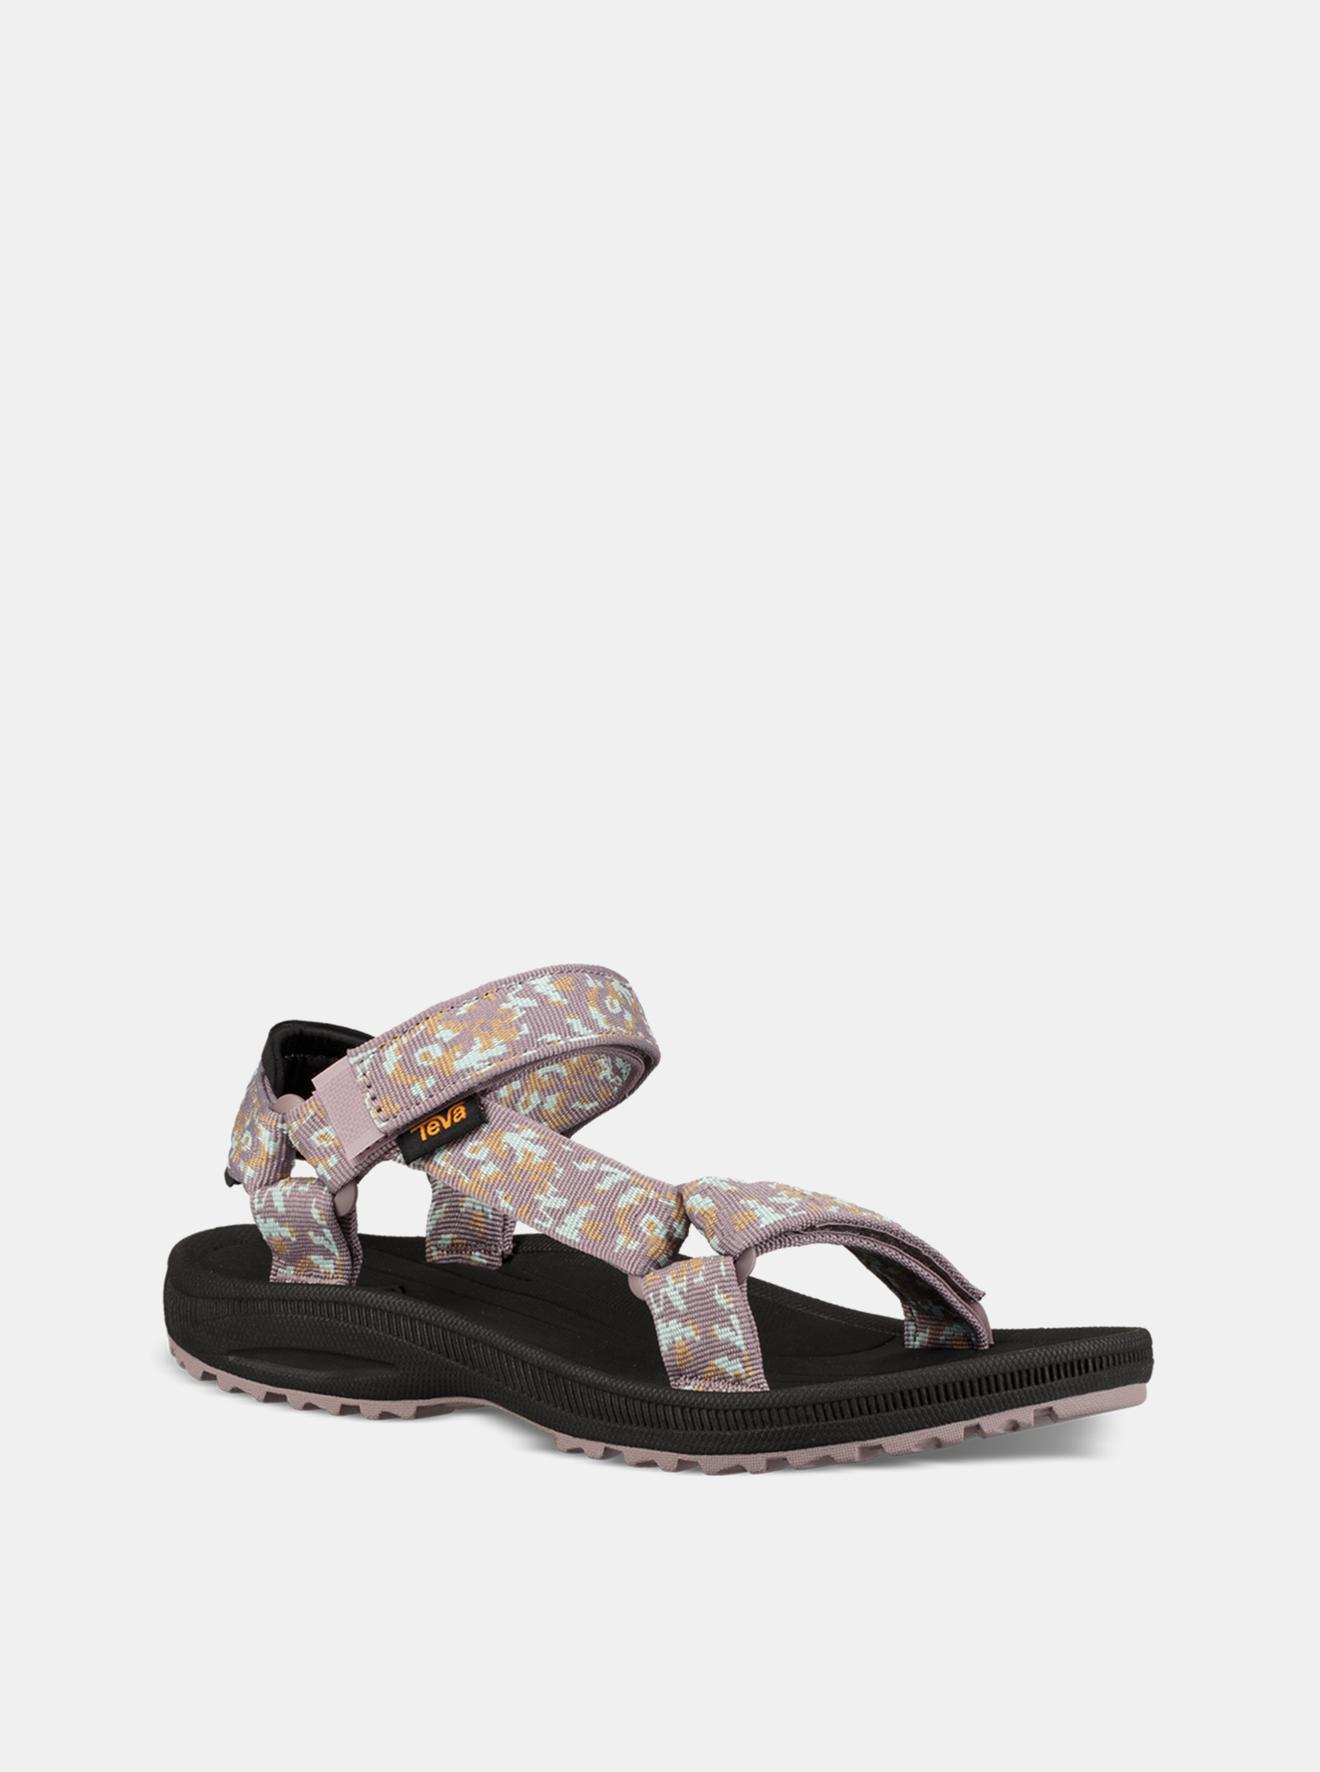 Fialové dámské vzorované sandály Teva